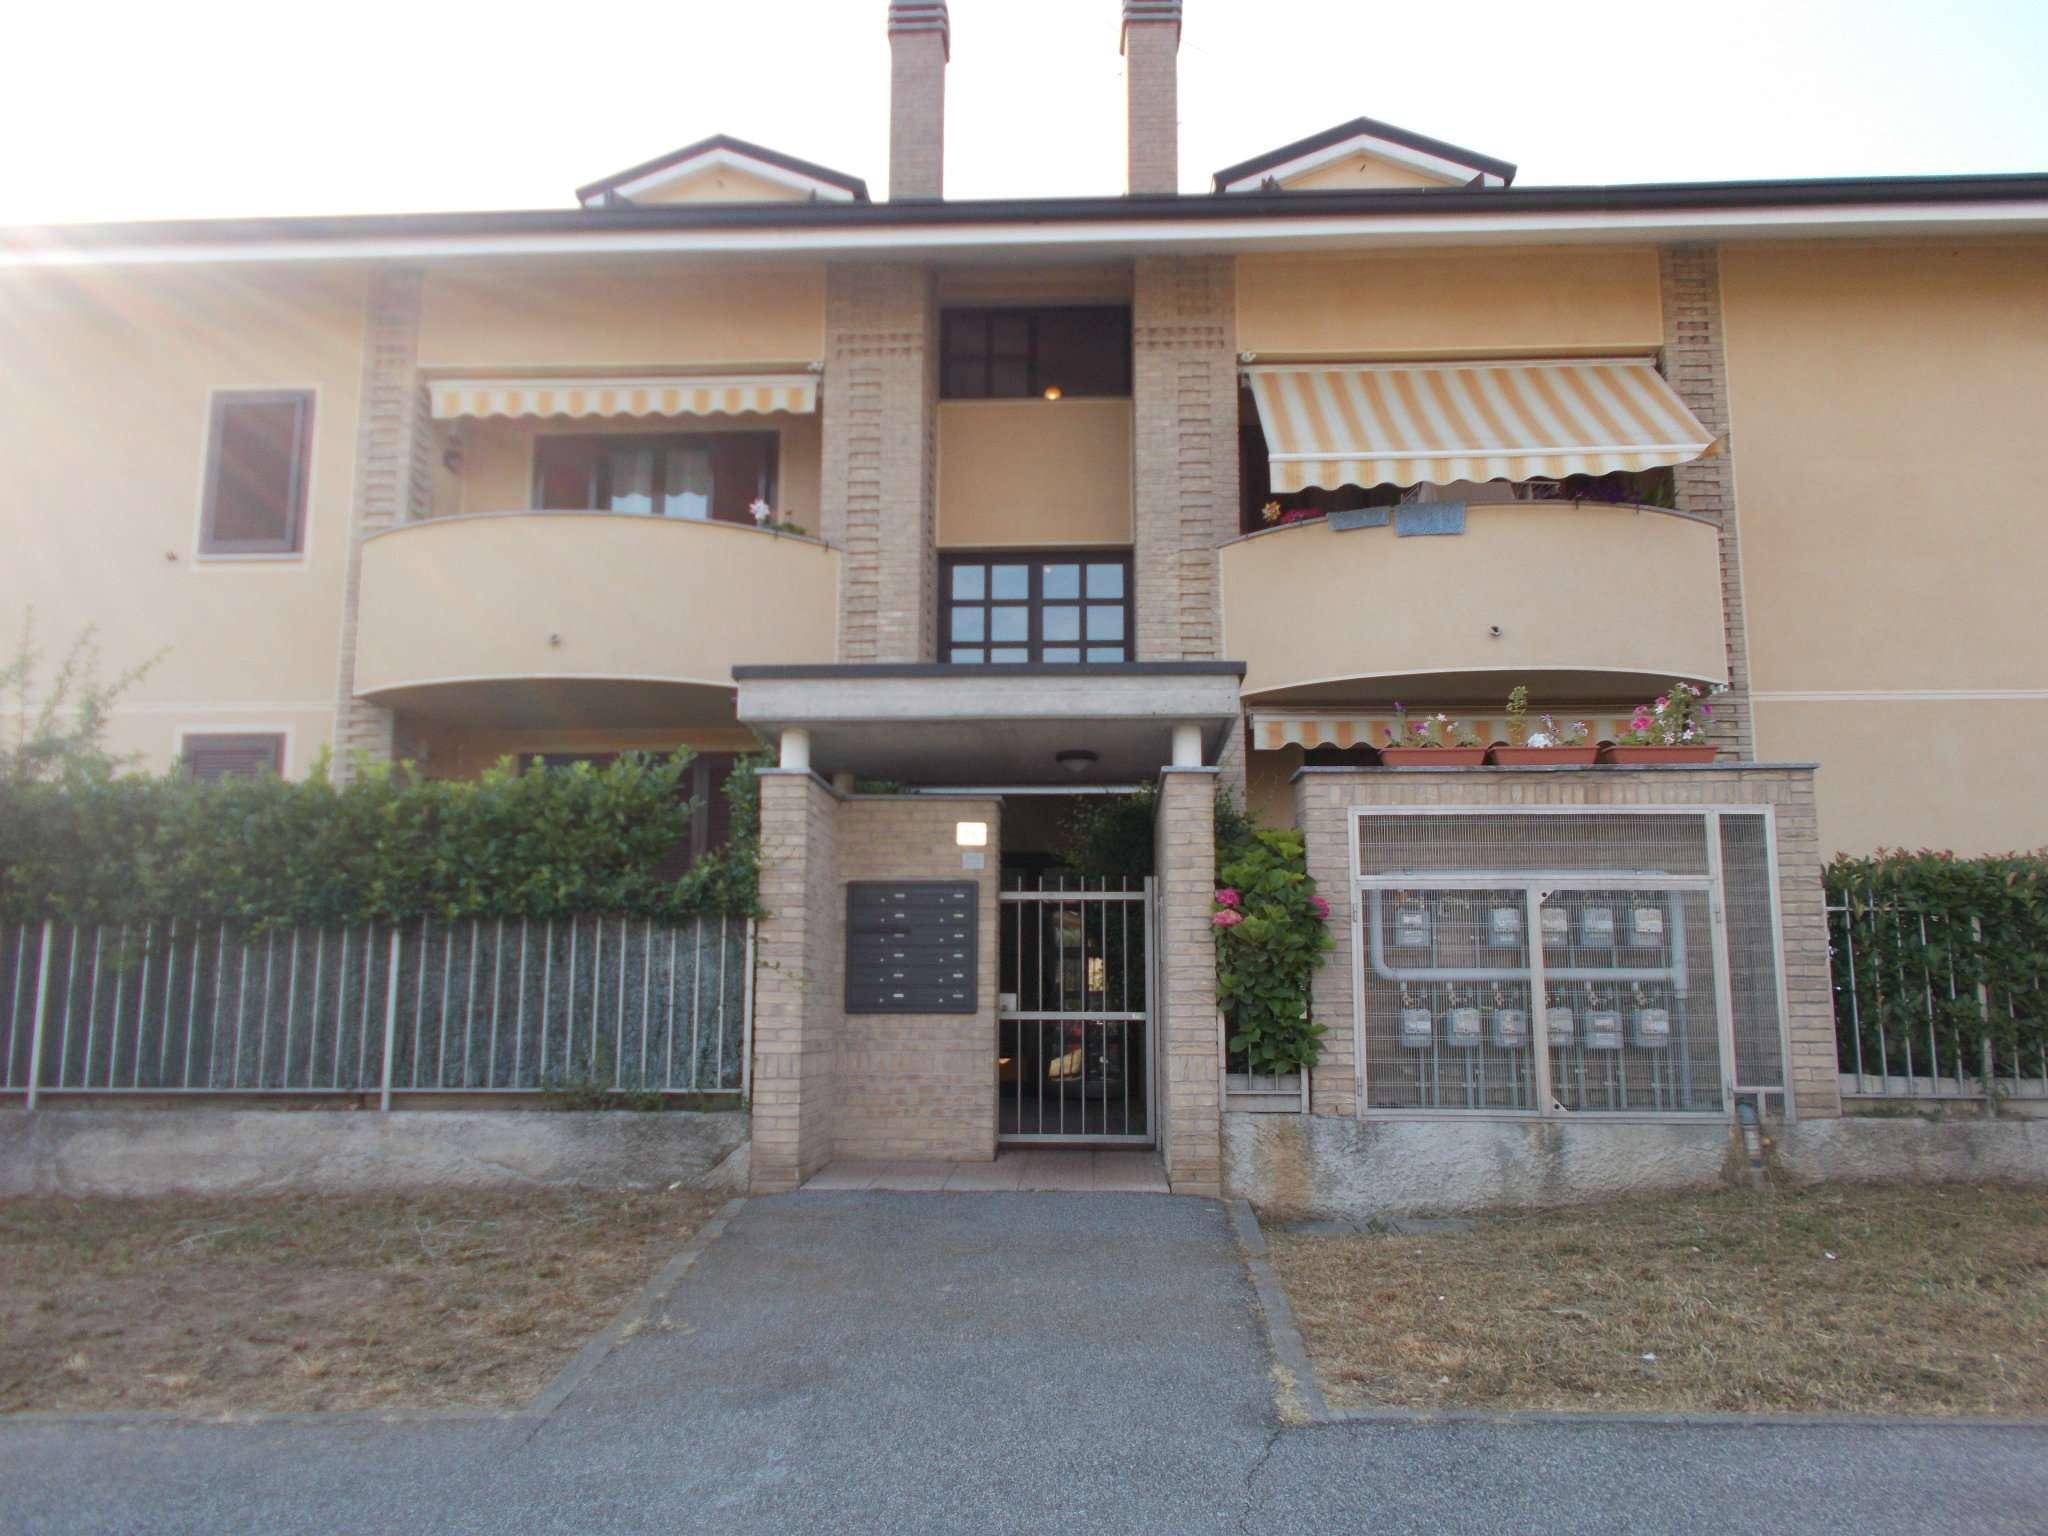 Attico / Mansarda in affitto a Masate, 2 locali, prezzo € 600   CambioCasa.it